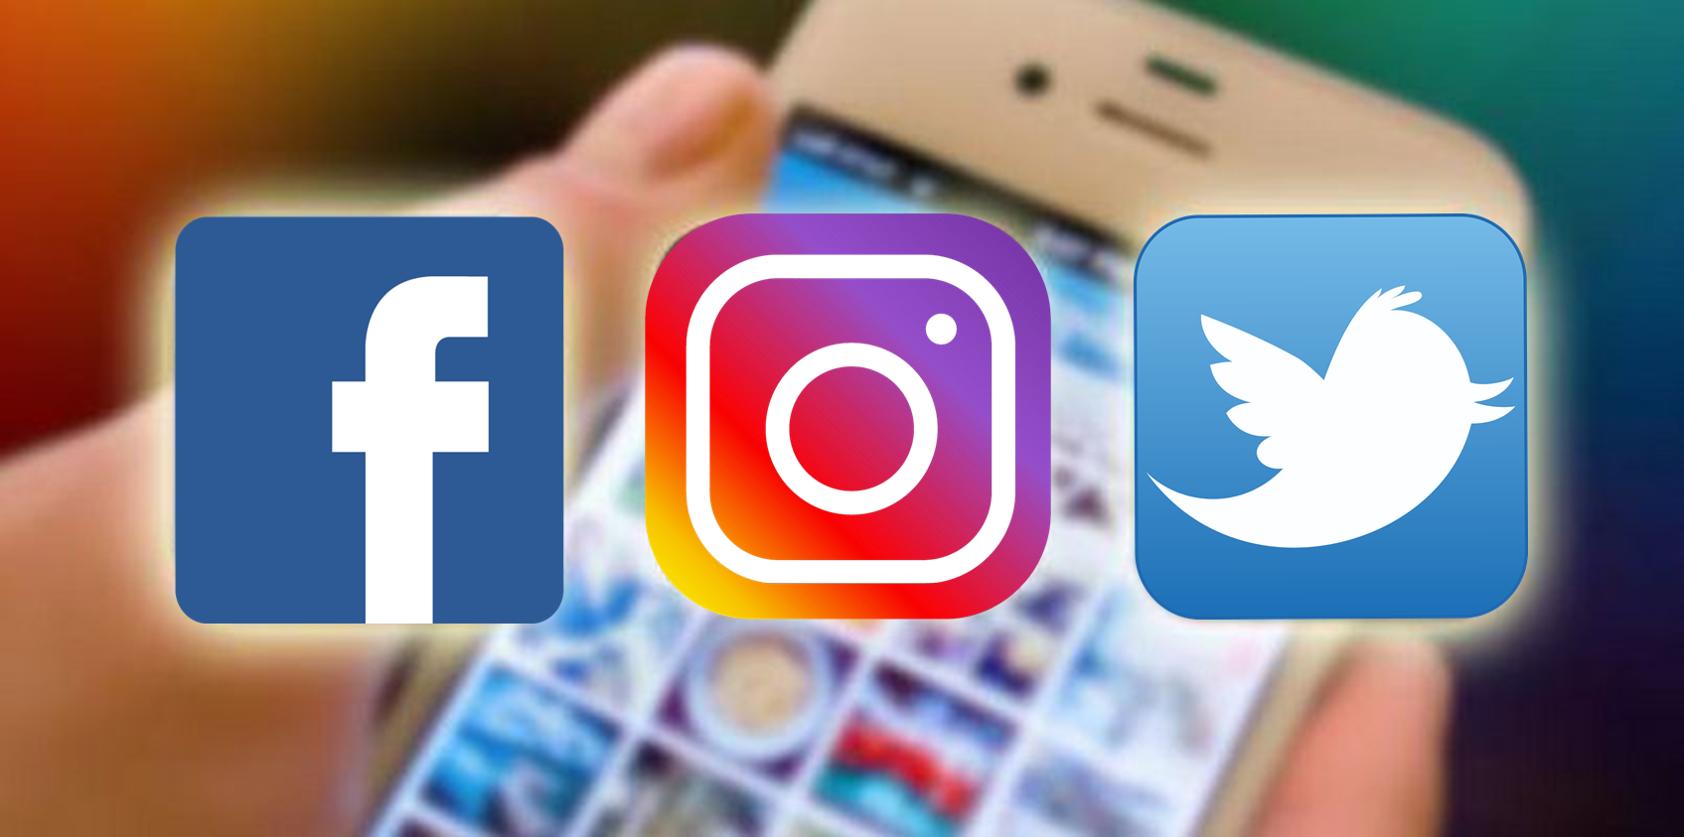 Paginas Que Generan Seguidores Para Instagram Gratis Y Rapido 2016